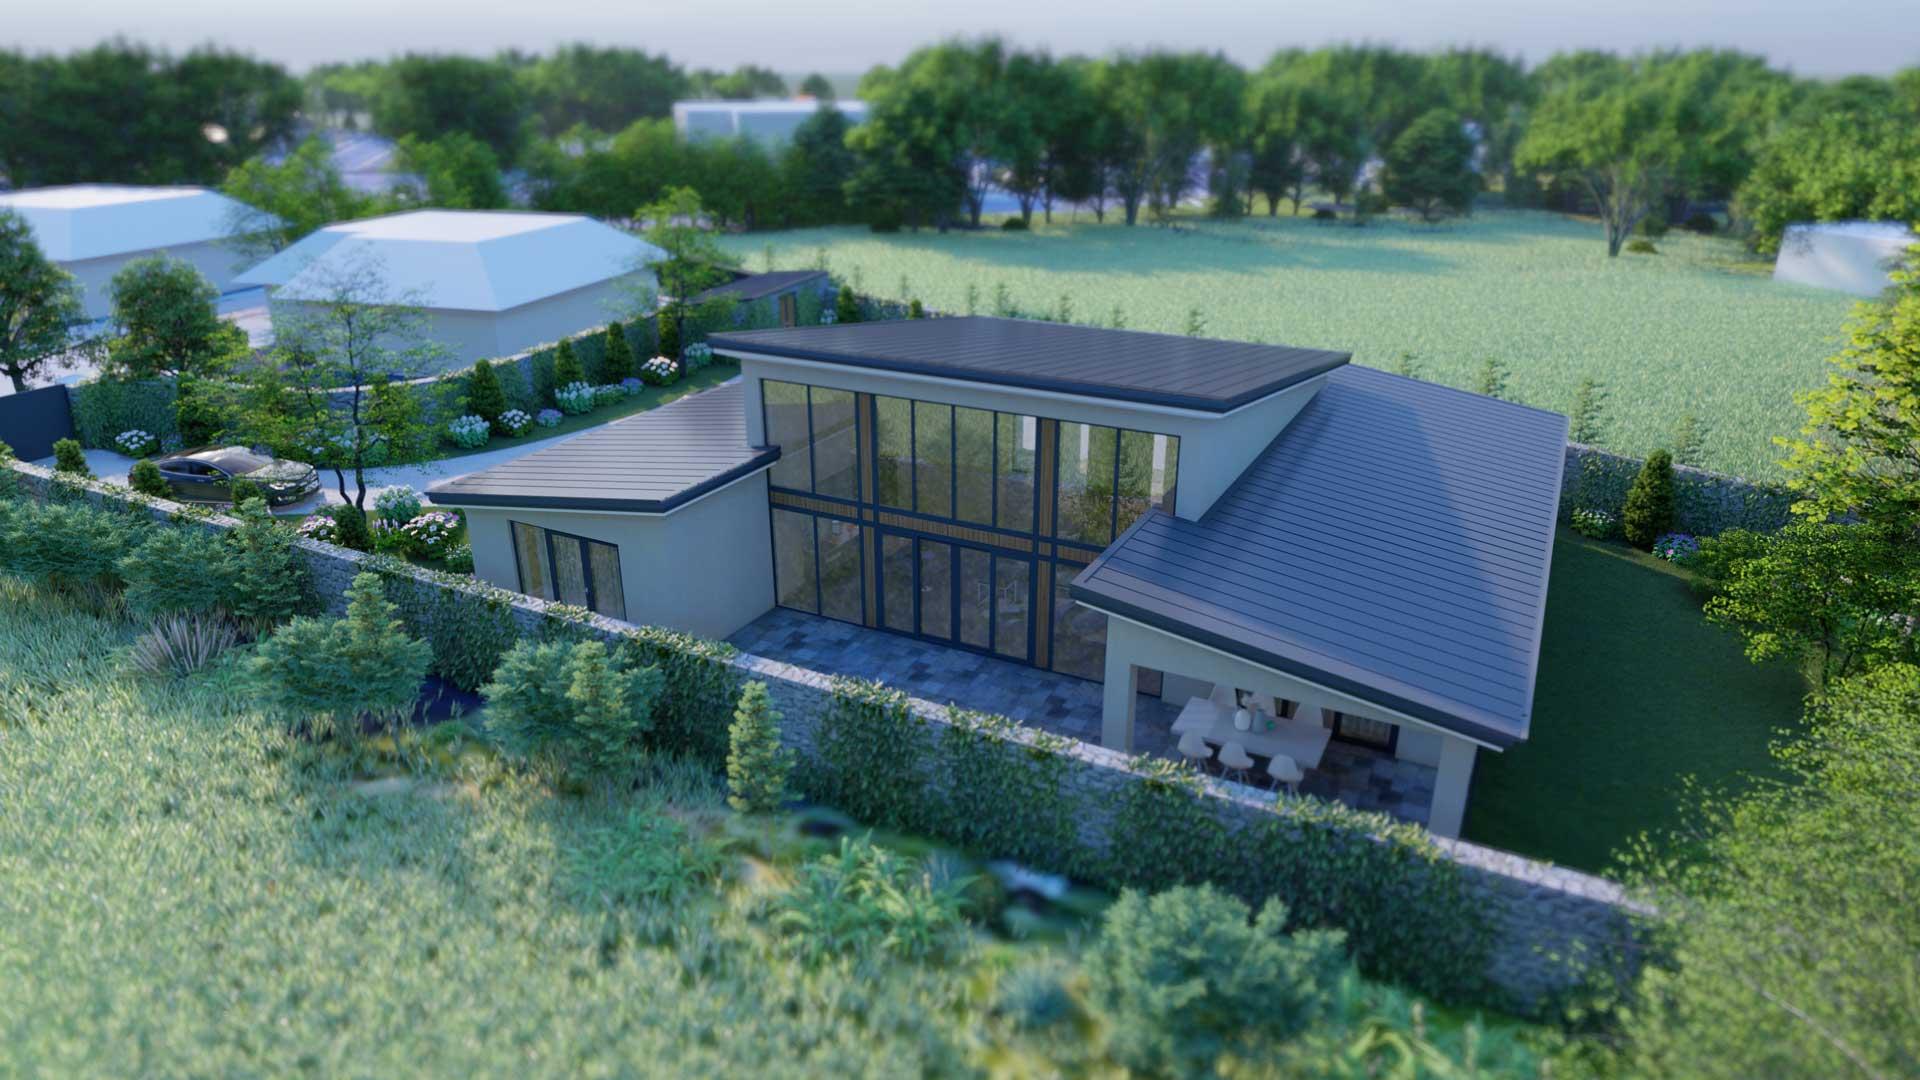 EcoHouse Kilkenny Project jkV1T2_8---Photo